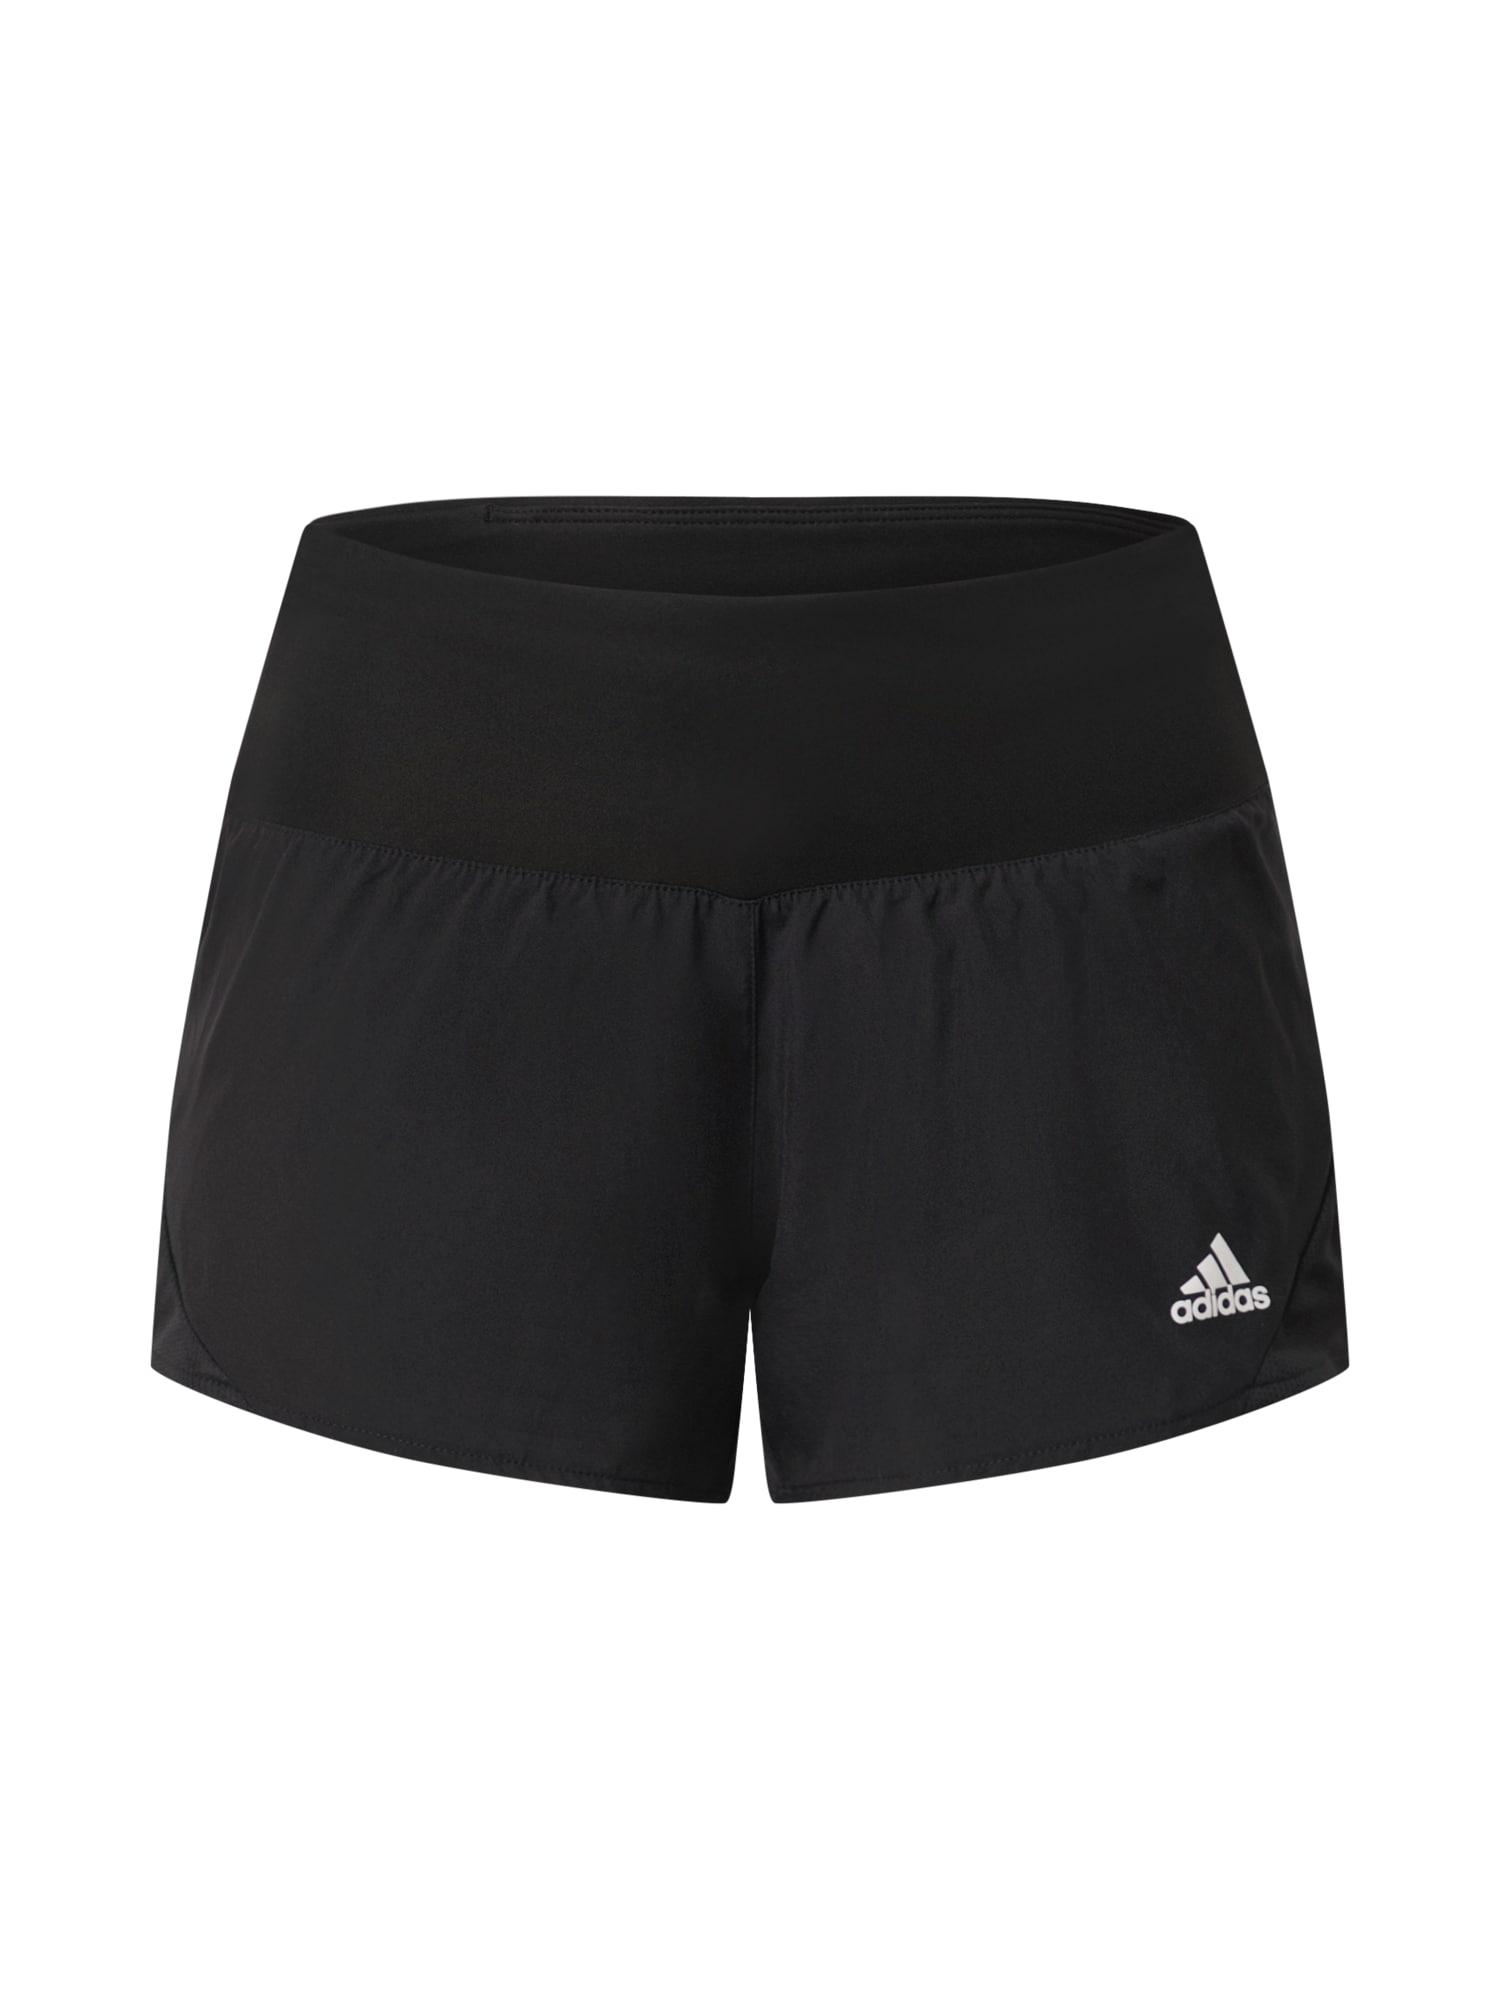 ADIDAS PERFORMANCE Sportinės kelnės